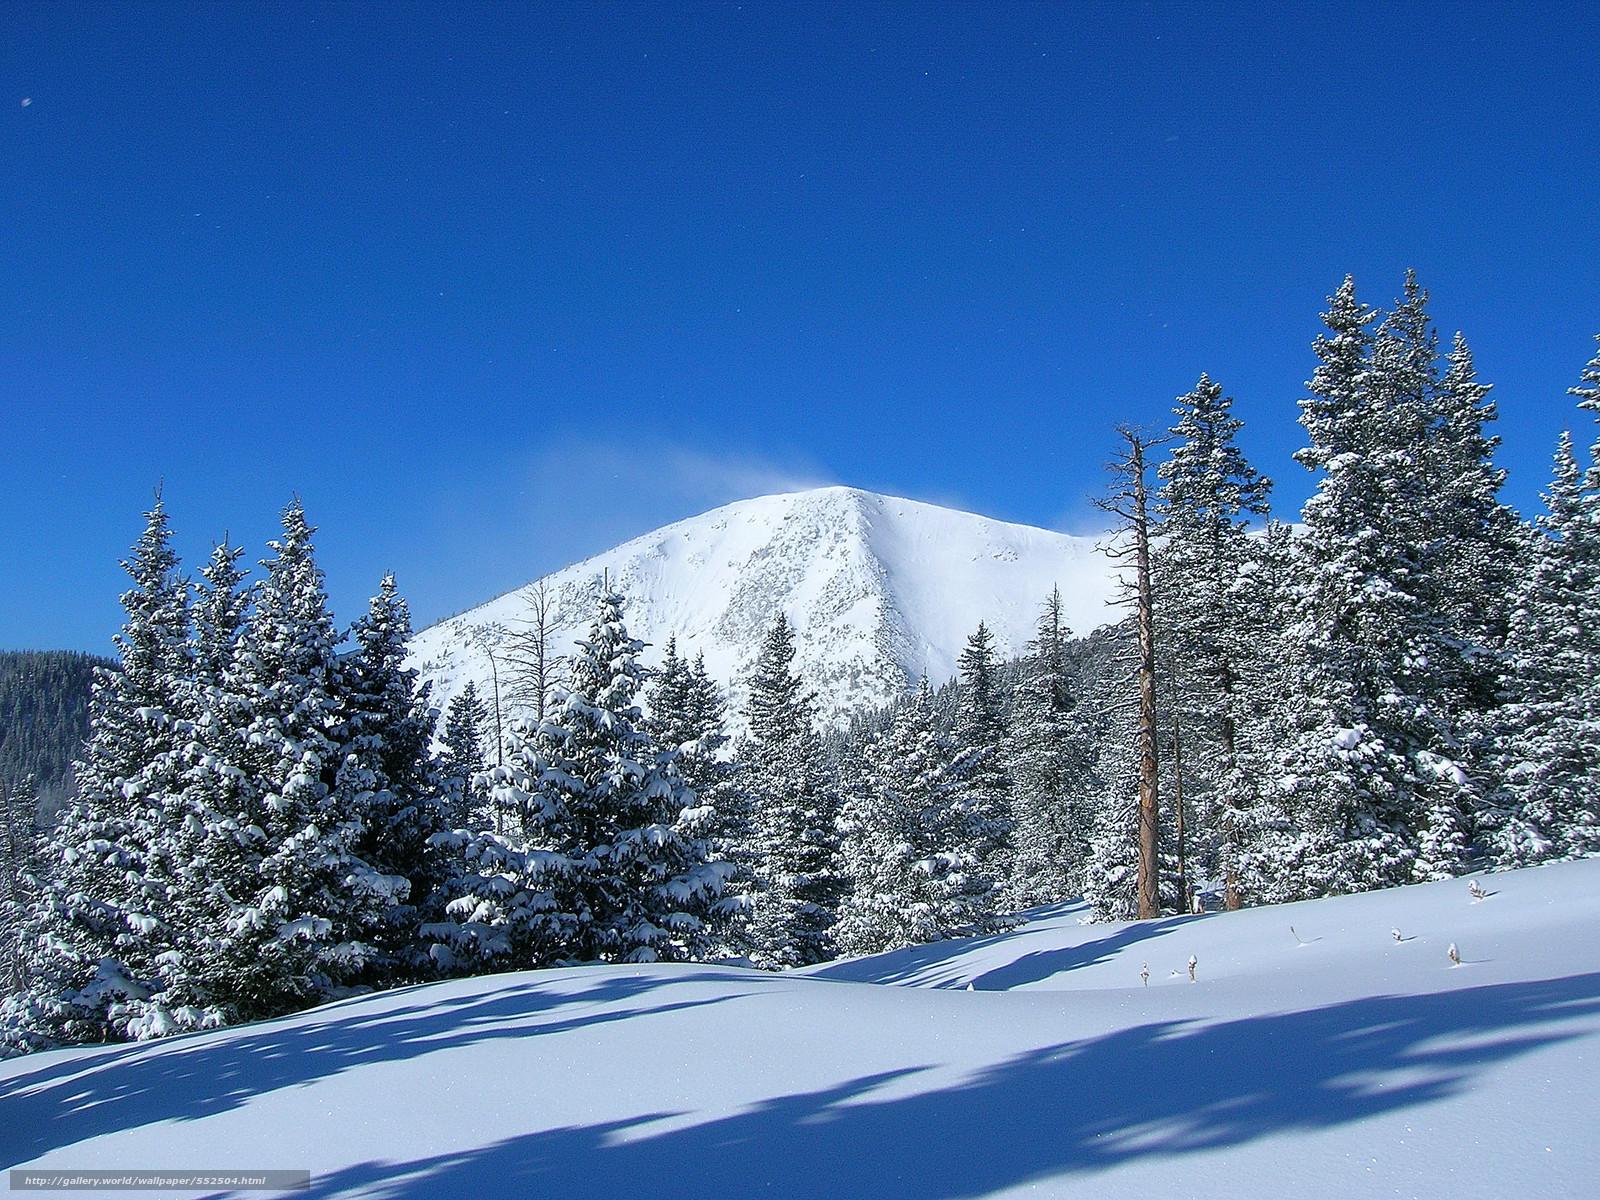 Scaricare gli sfondi montagna alberi inverno paesaggio for Sfondi gratis desktop inverno